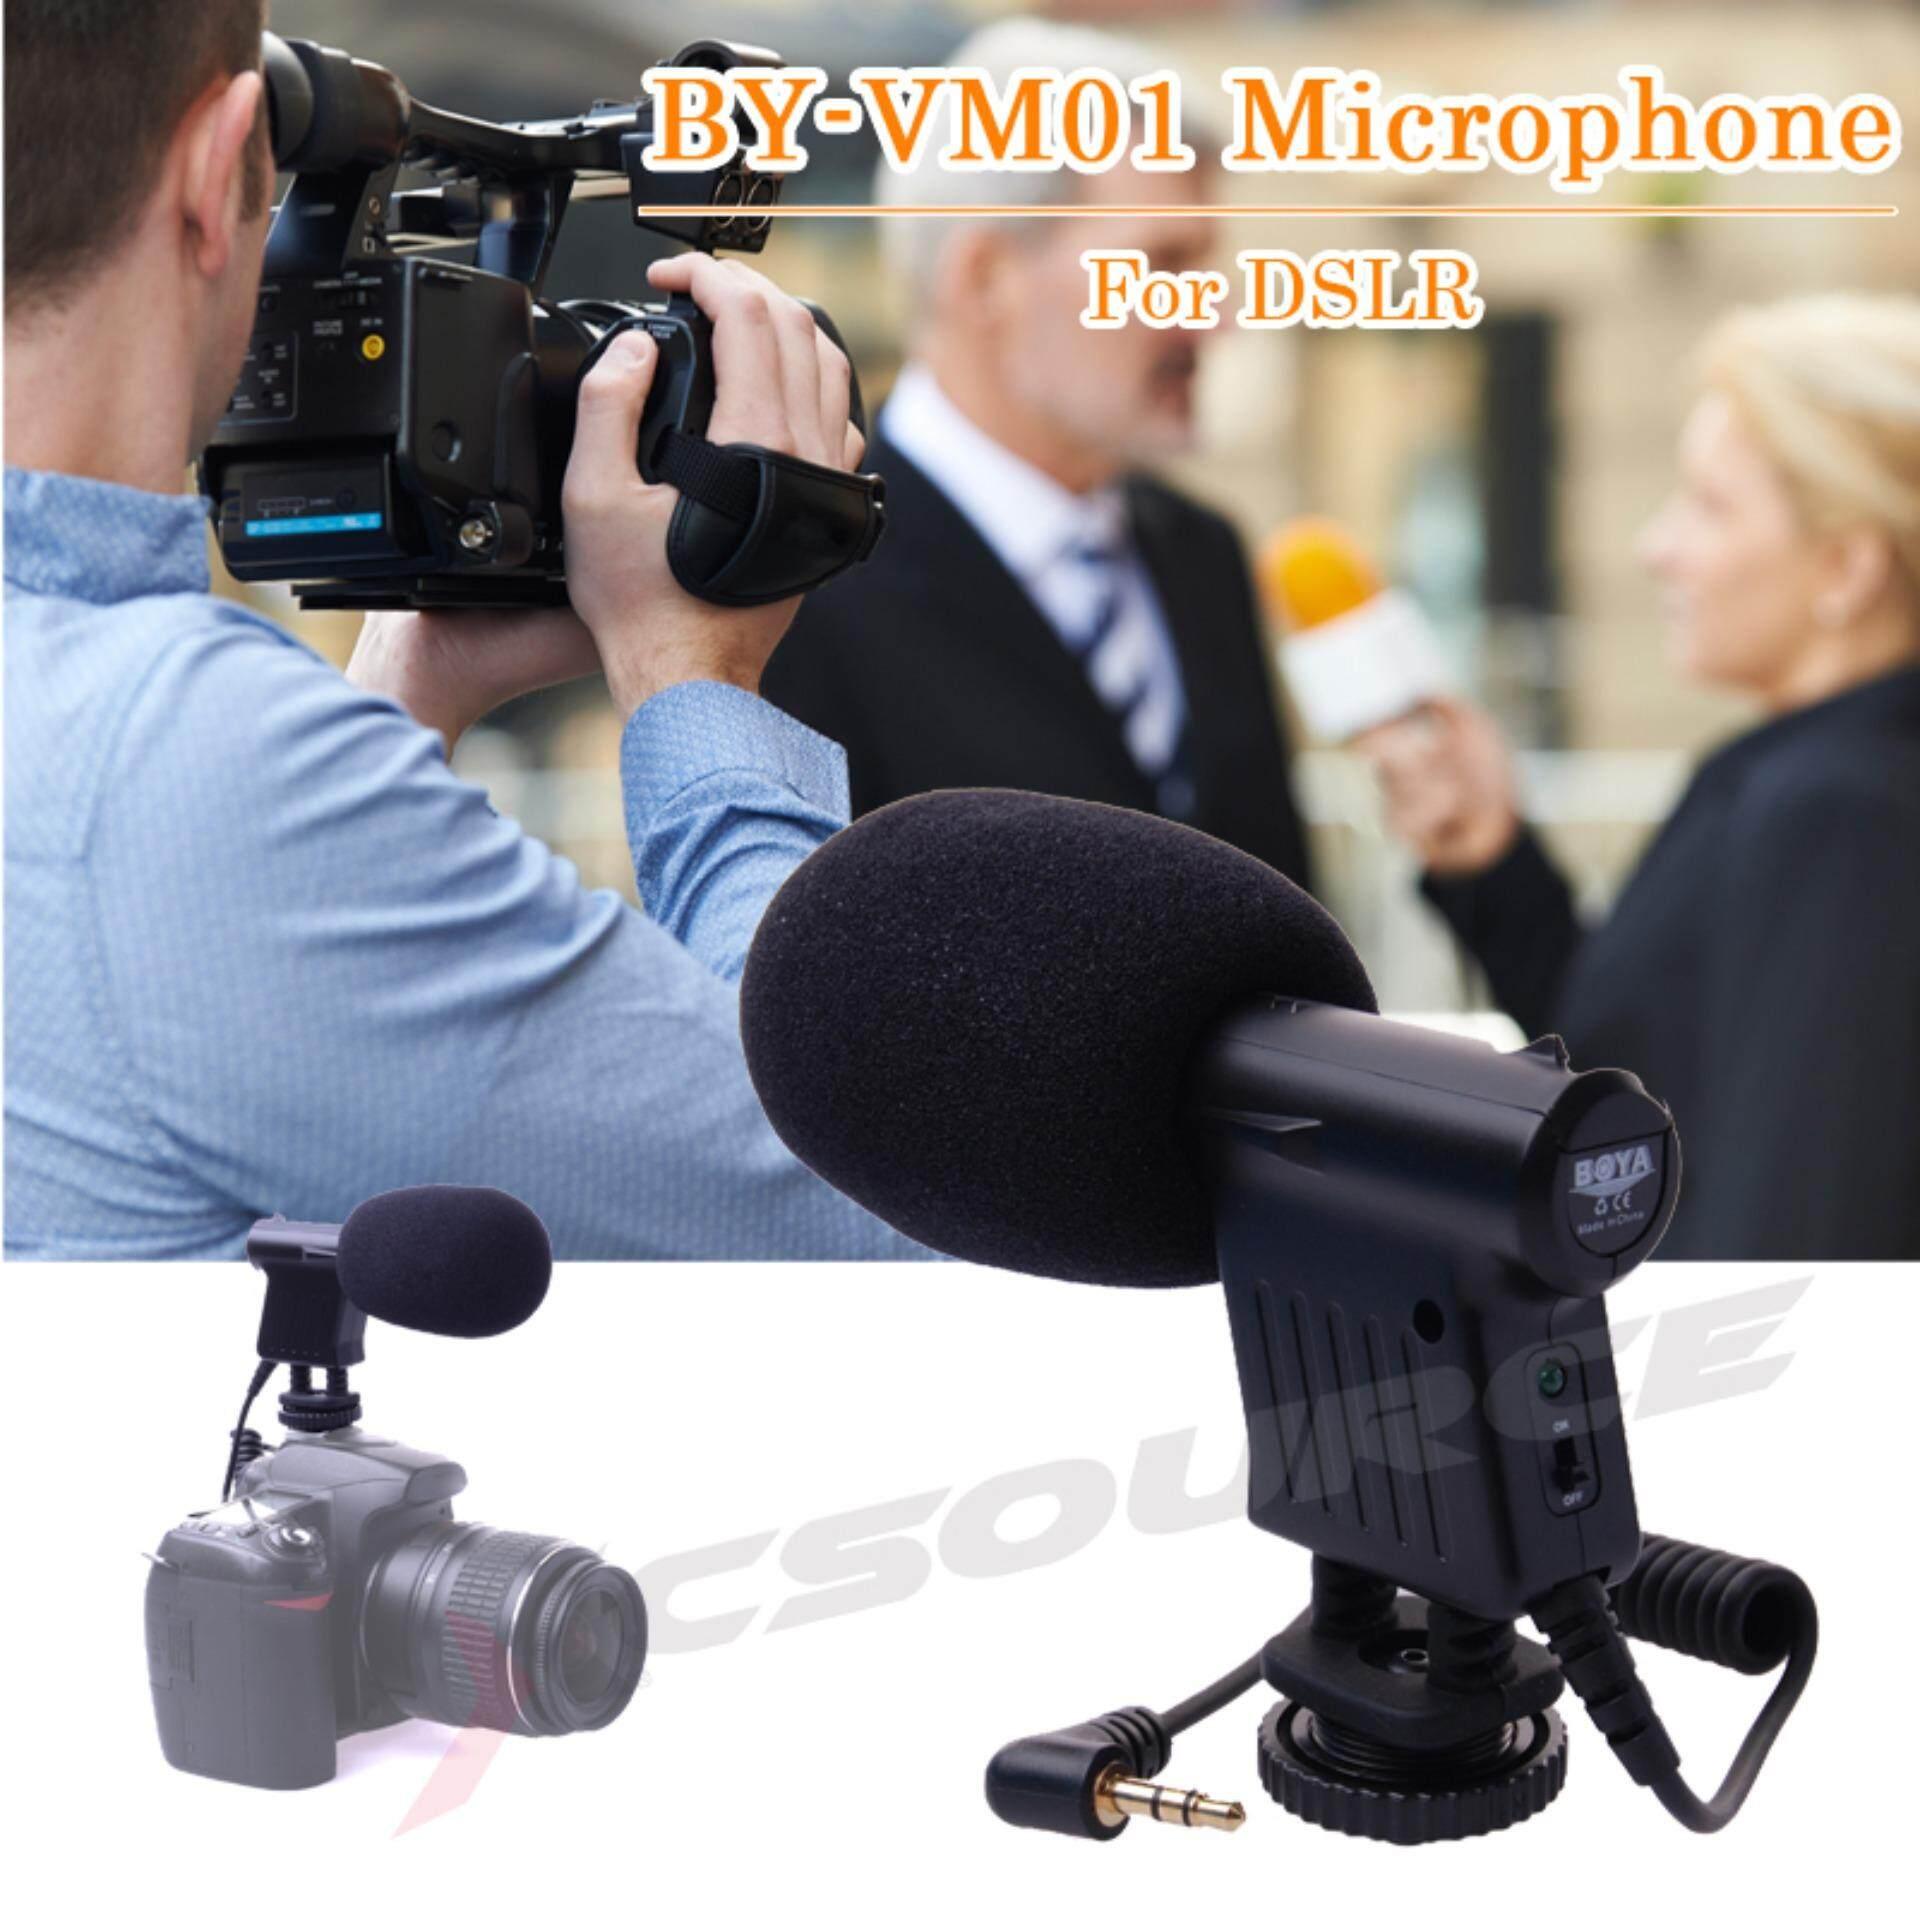 ขาย ซื้อ ออนไลน์ Boya ไมโครโฟน By Vm01 สำหรับ Dslr Camera Camcorder Dv